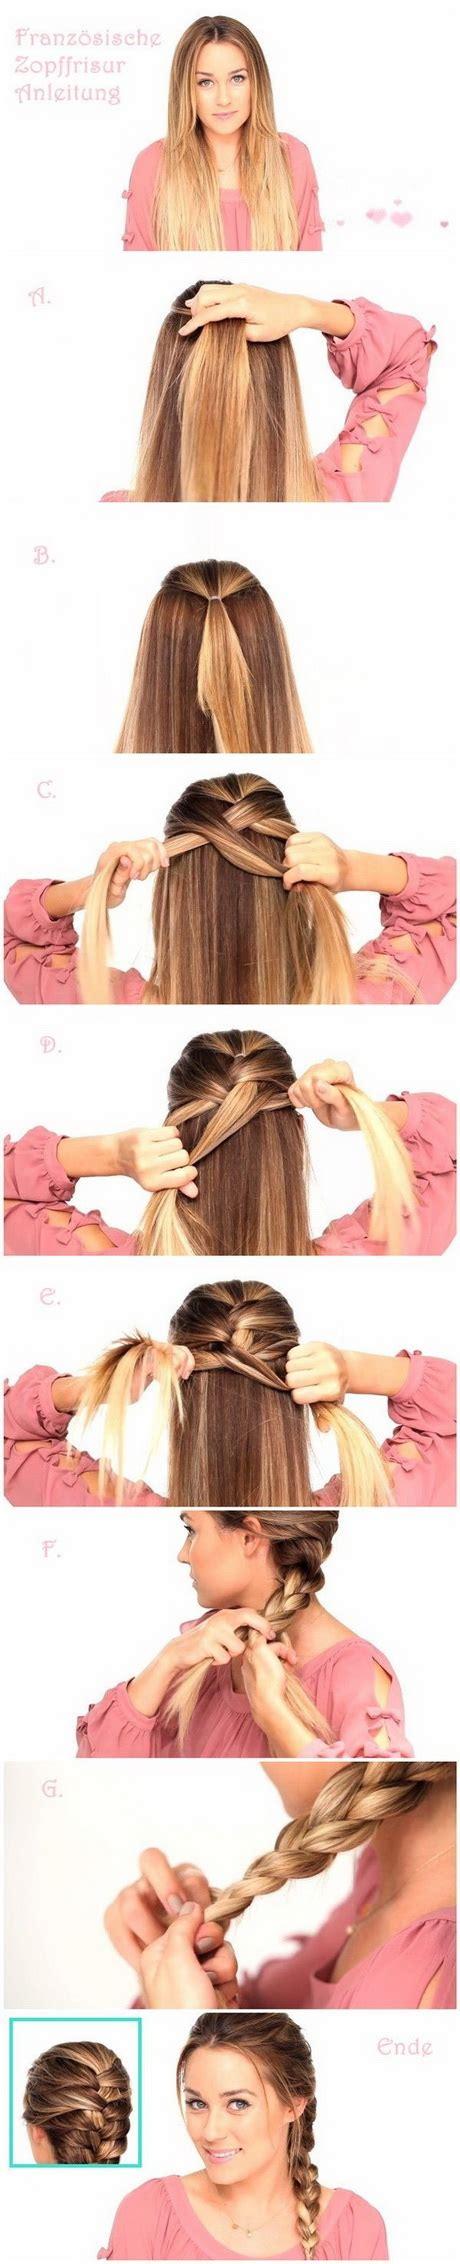 easy hairstyles using braids easy braids hairstyles